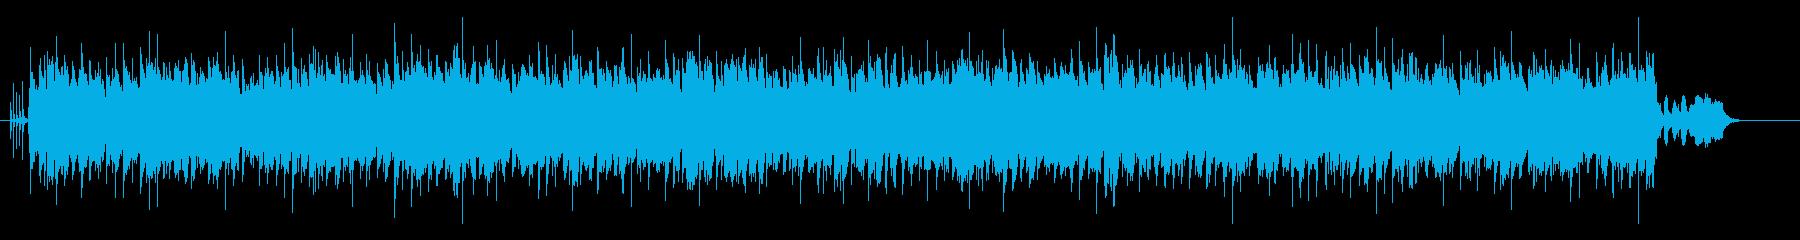 ヨーロピアン・ポップス調の曲の再生済みの波形